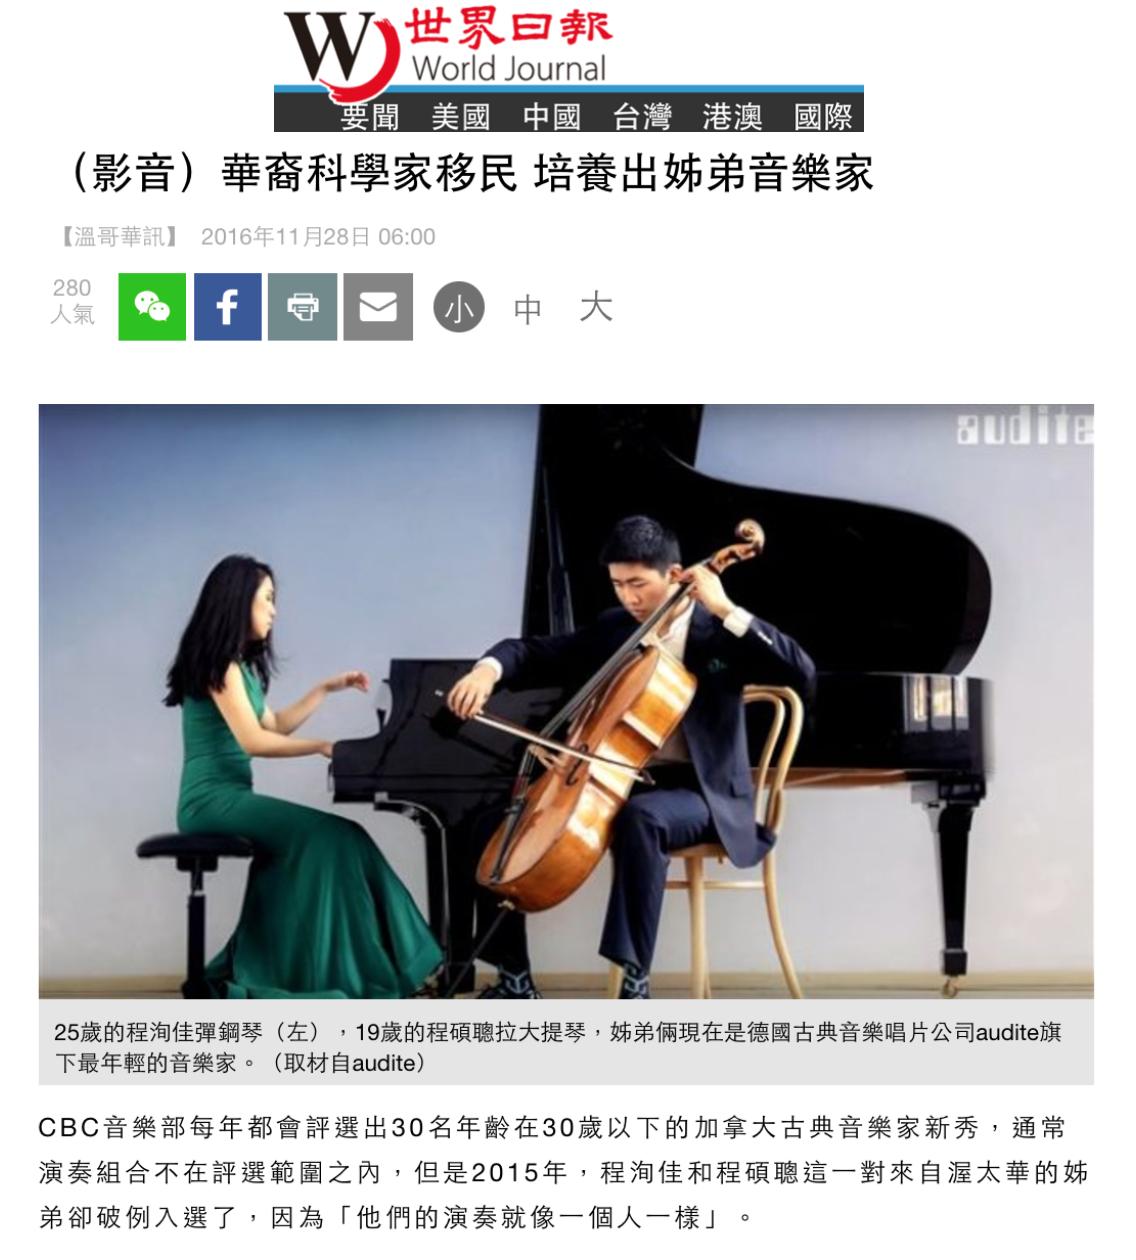 华裔姐弟音乐家